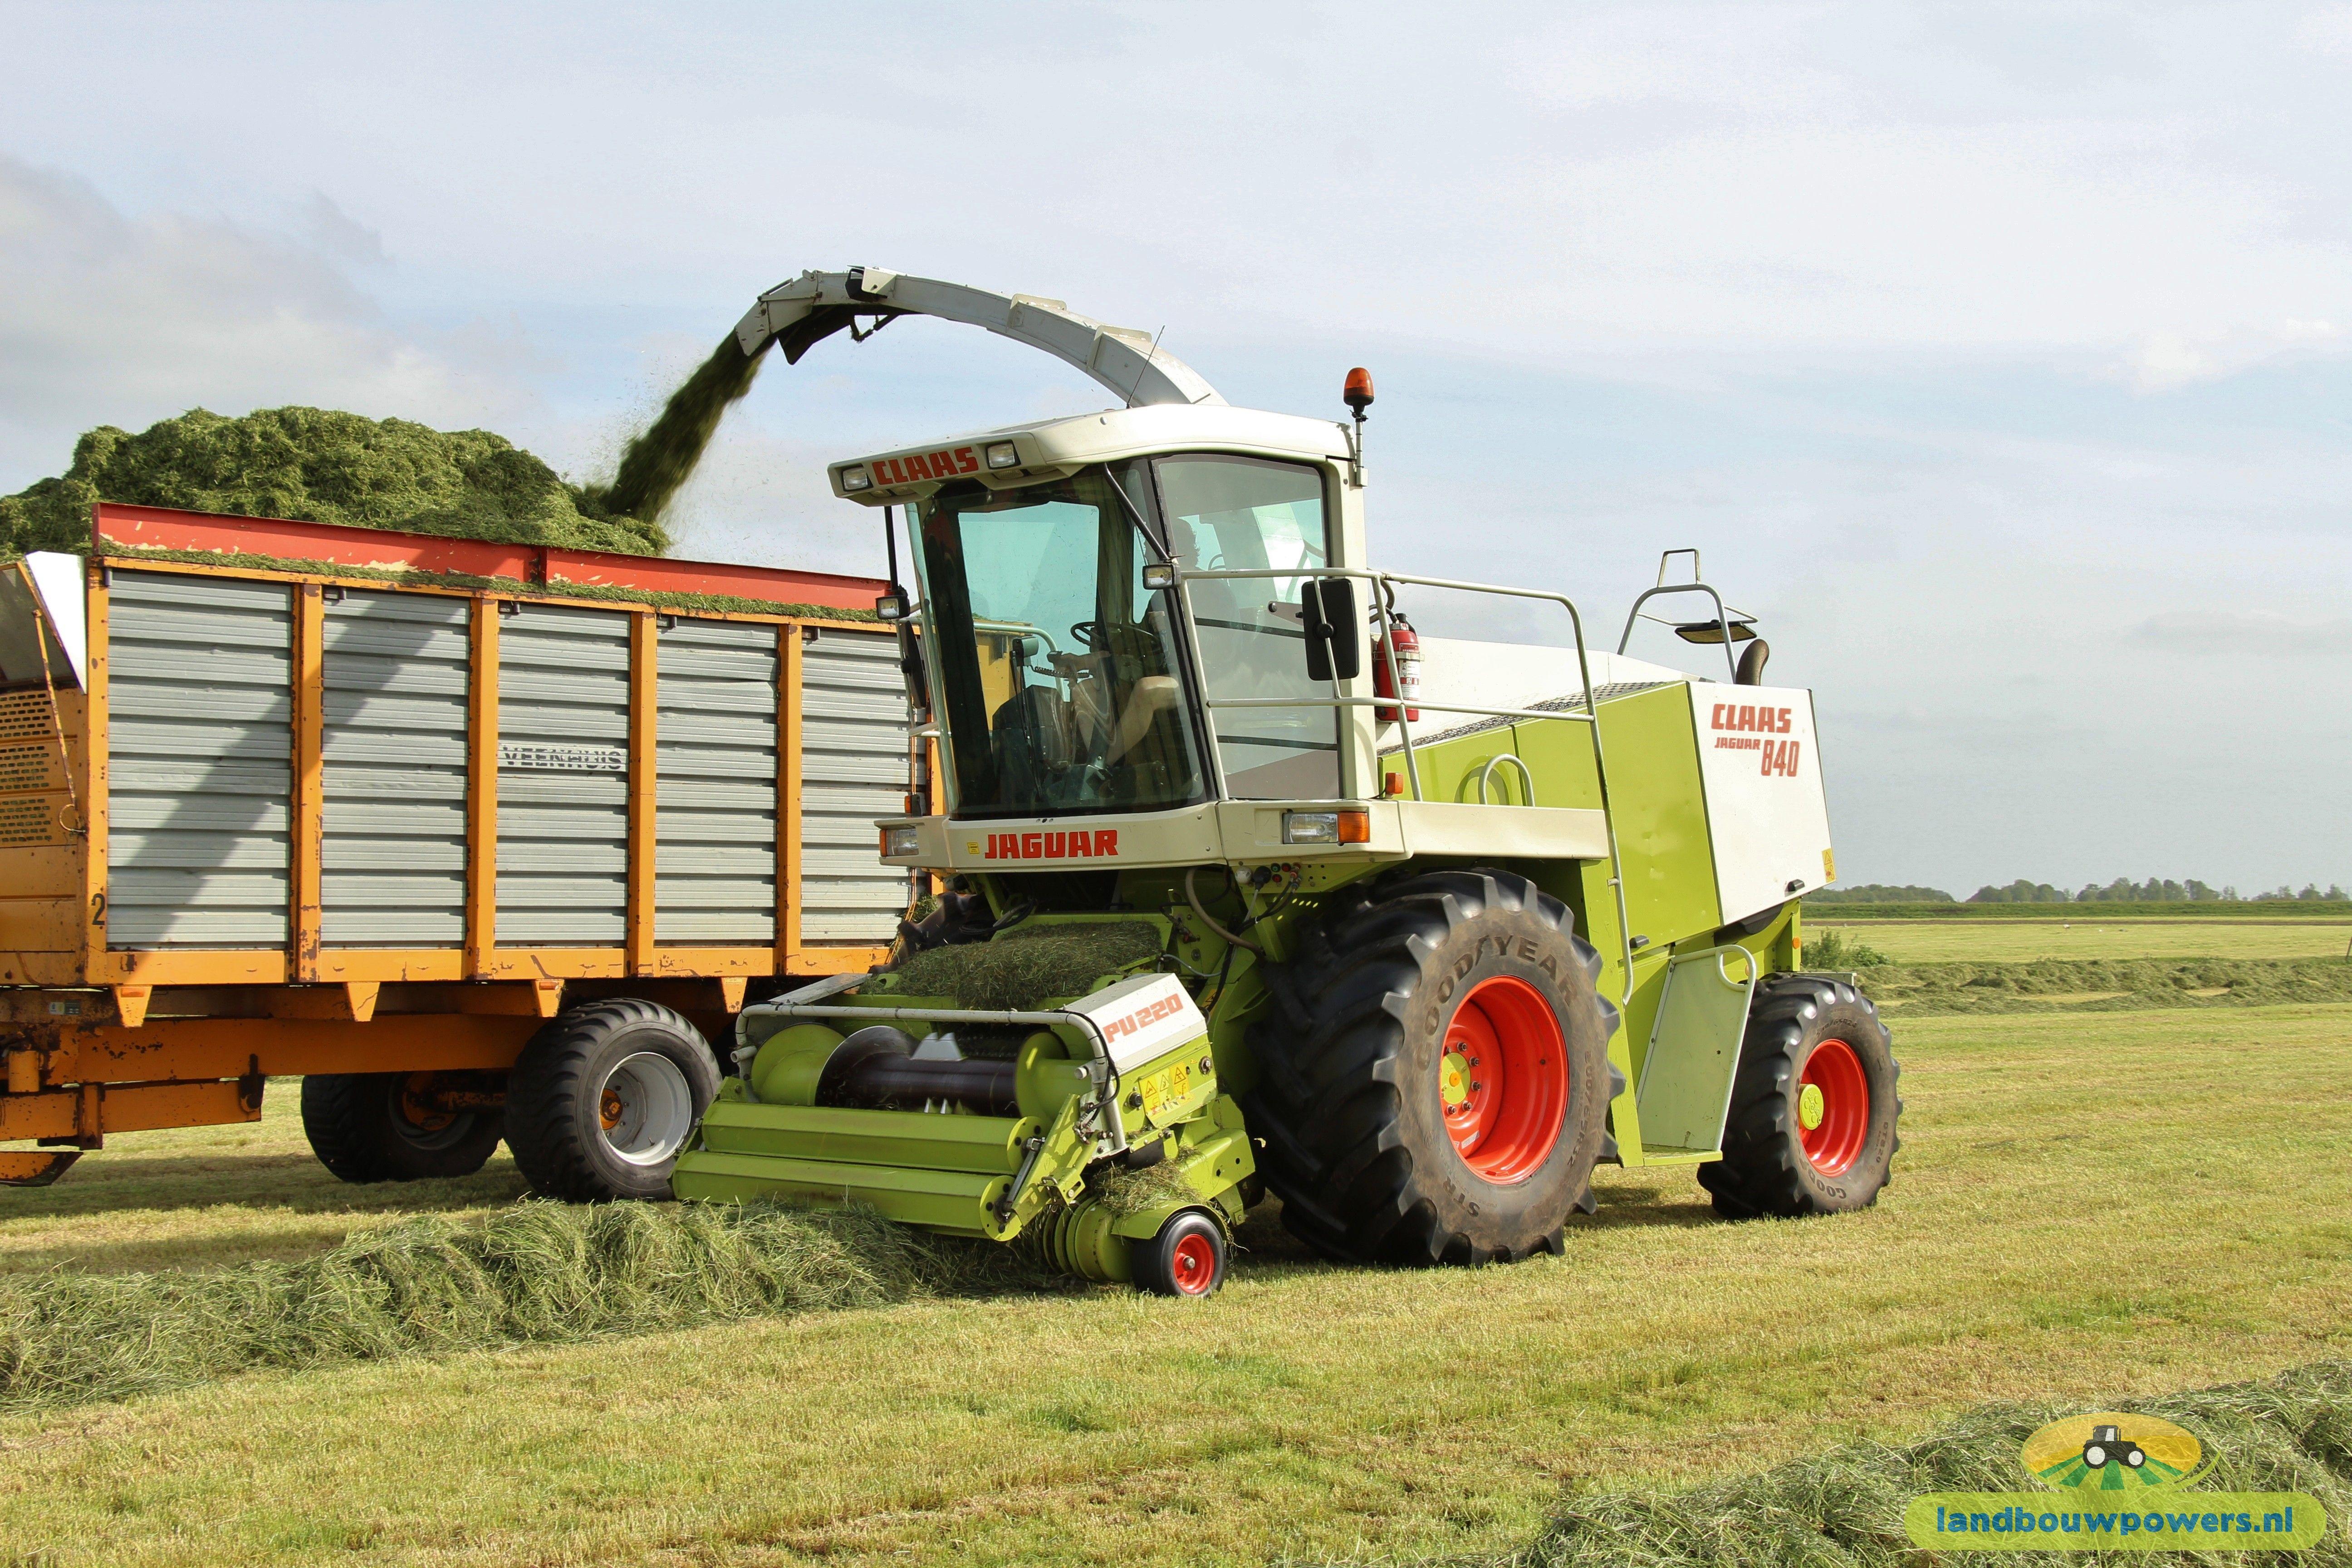 Tijdens Een Ronde Kwam Ik Loonbedrijf Boezerooy Tegen Die Druk Aan Het Gras Hakselen Was Bij Een Klant In Spanga Door Het Mooie Weer Was Gras Tractor Case Ih